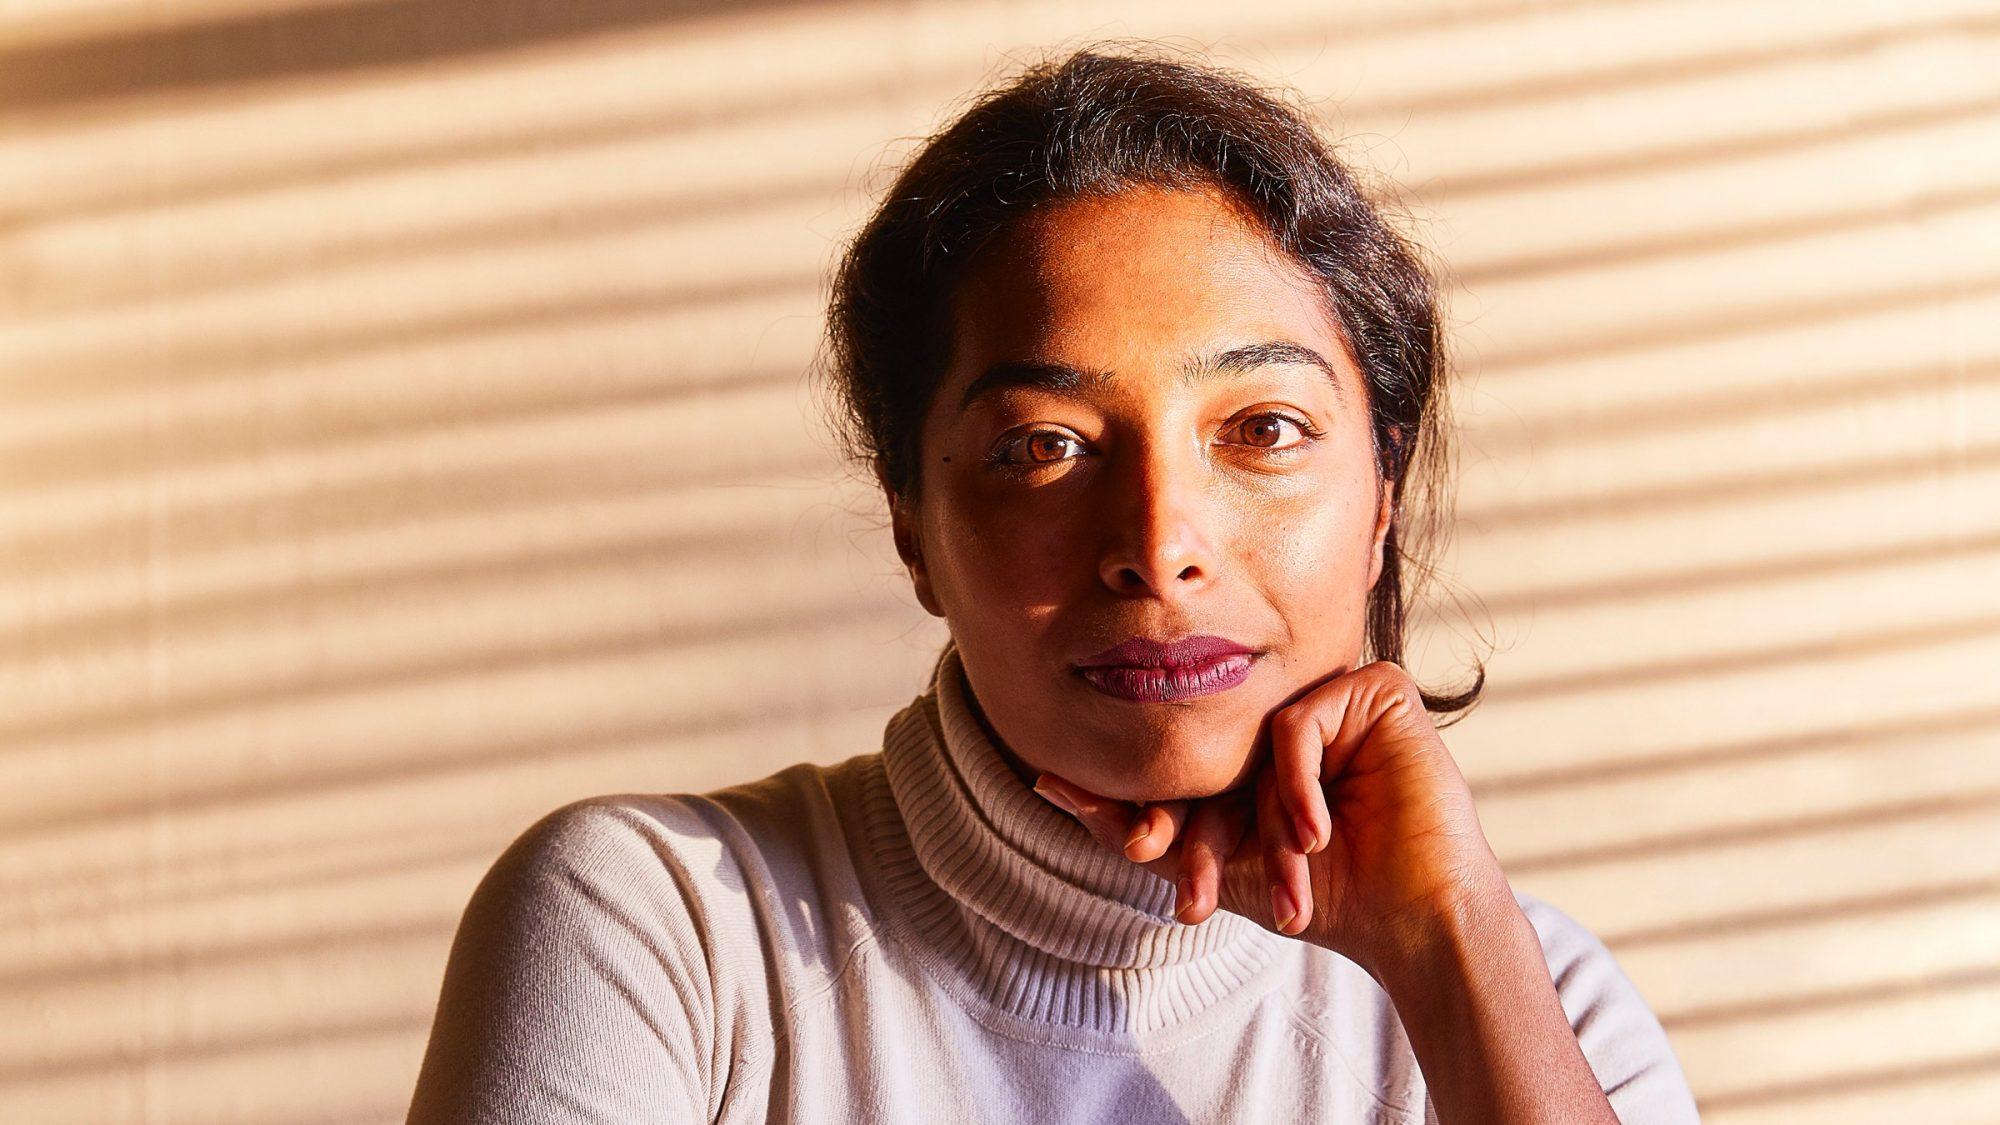 Diaspora Co founder Sana Javeri Kadri